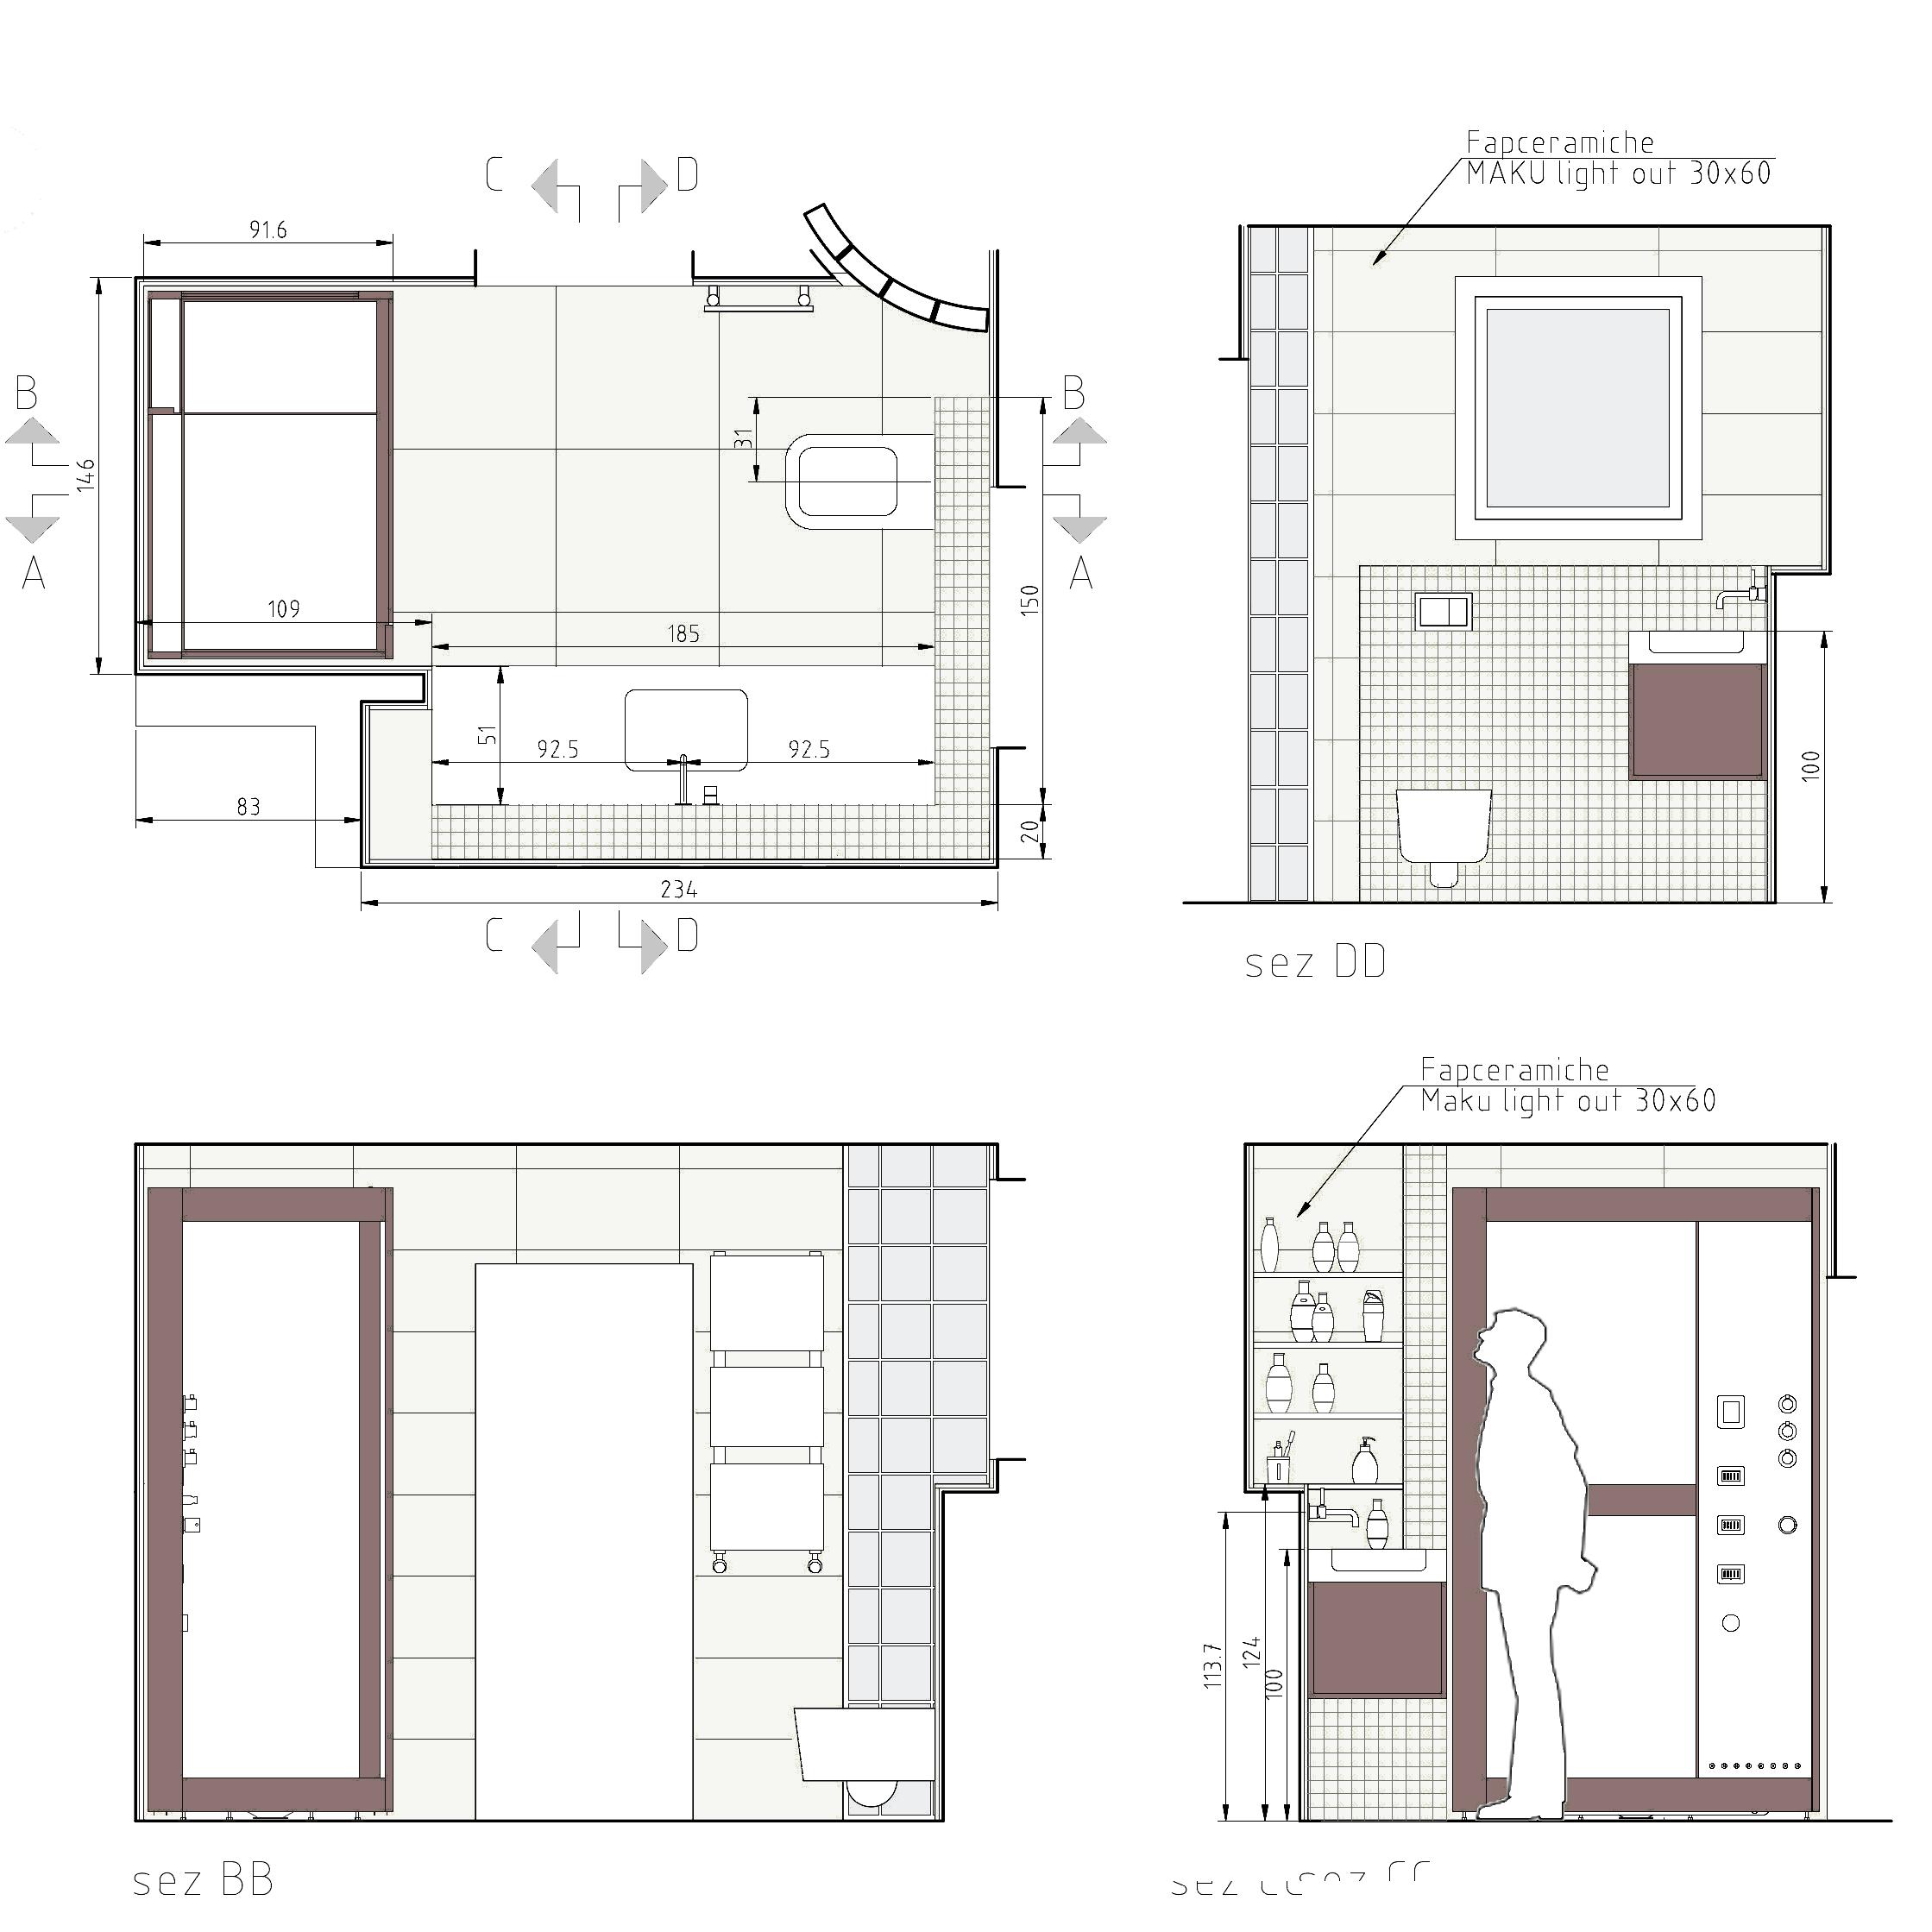 disegno esecutivo bagno Interior design presentation